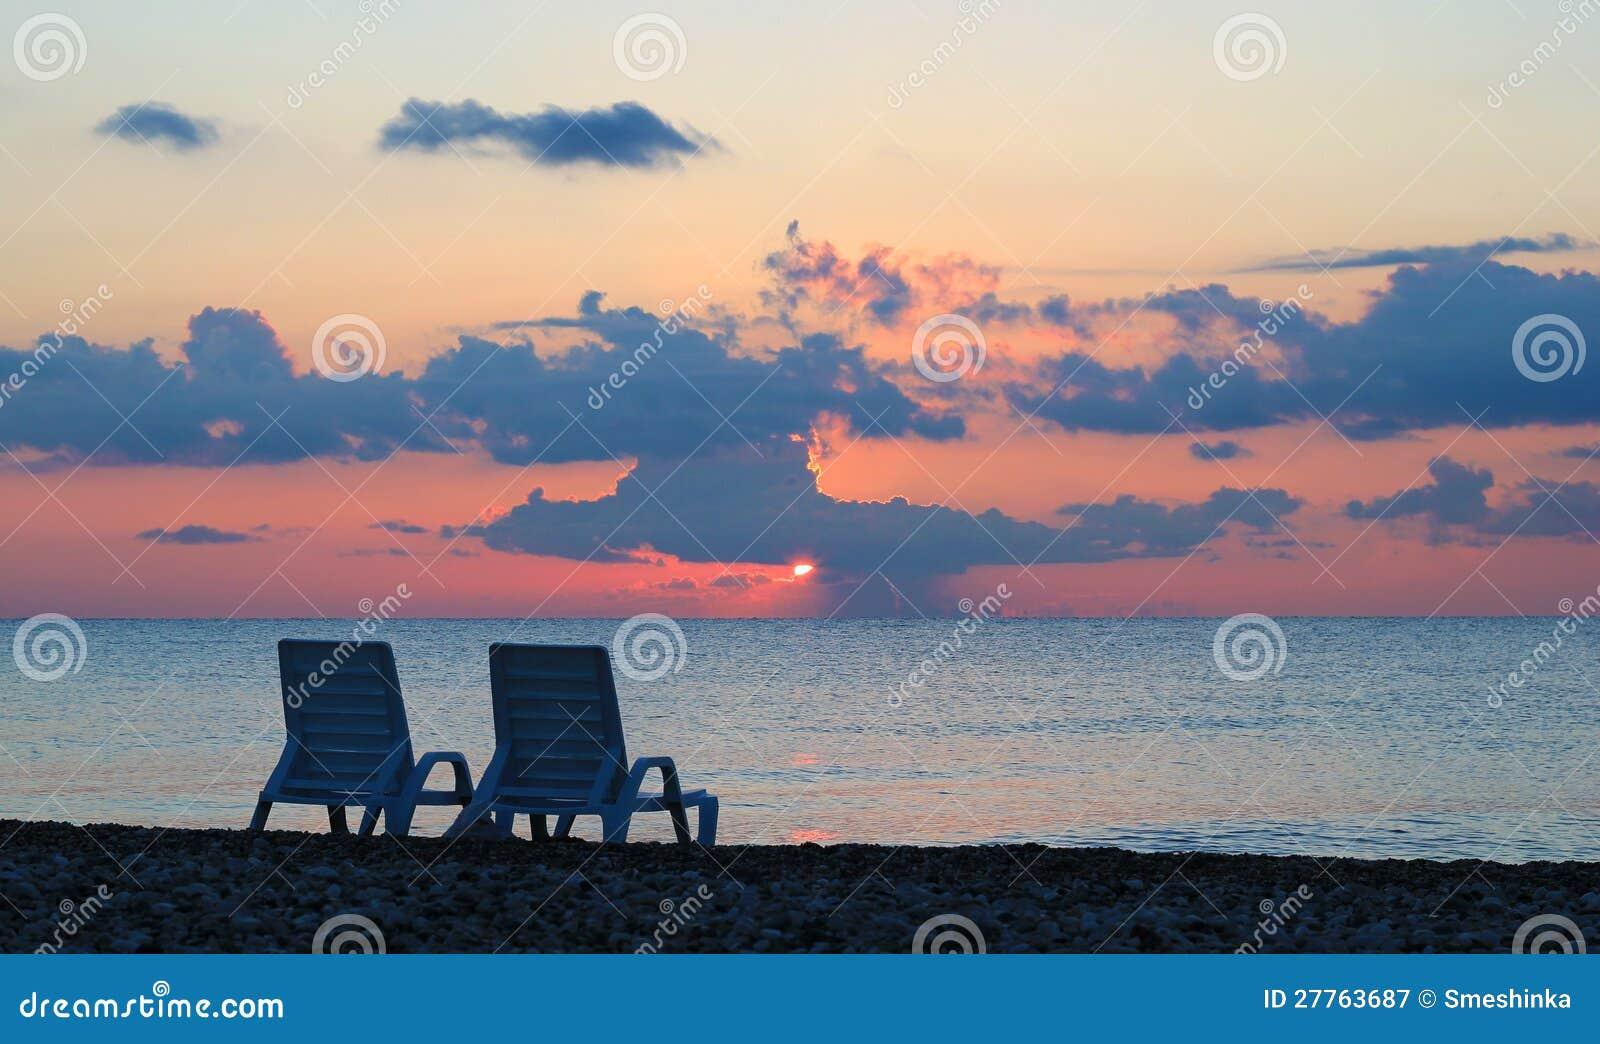 Deux chaises longues sur la plage au beau lever de soleil